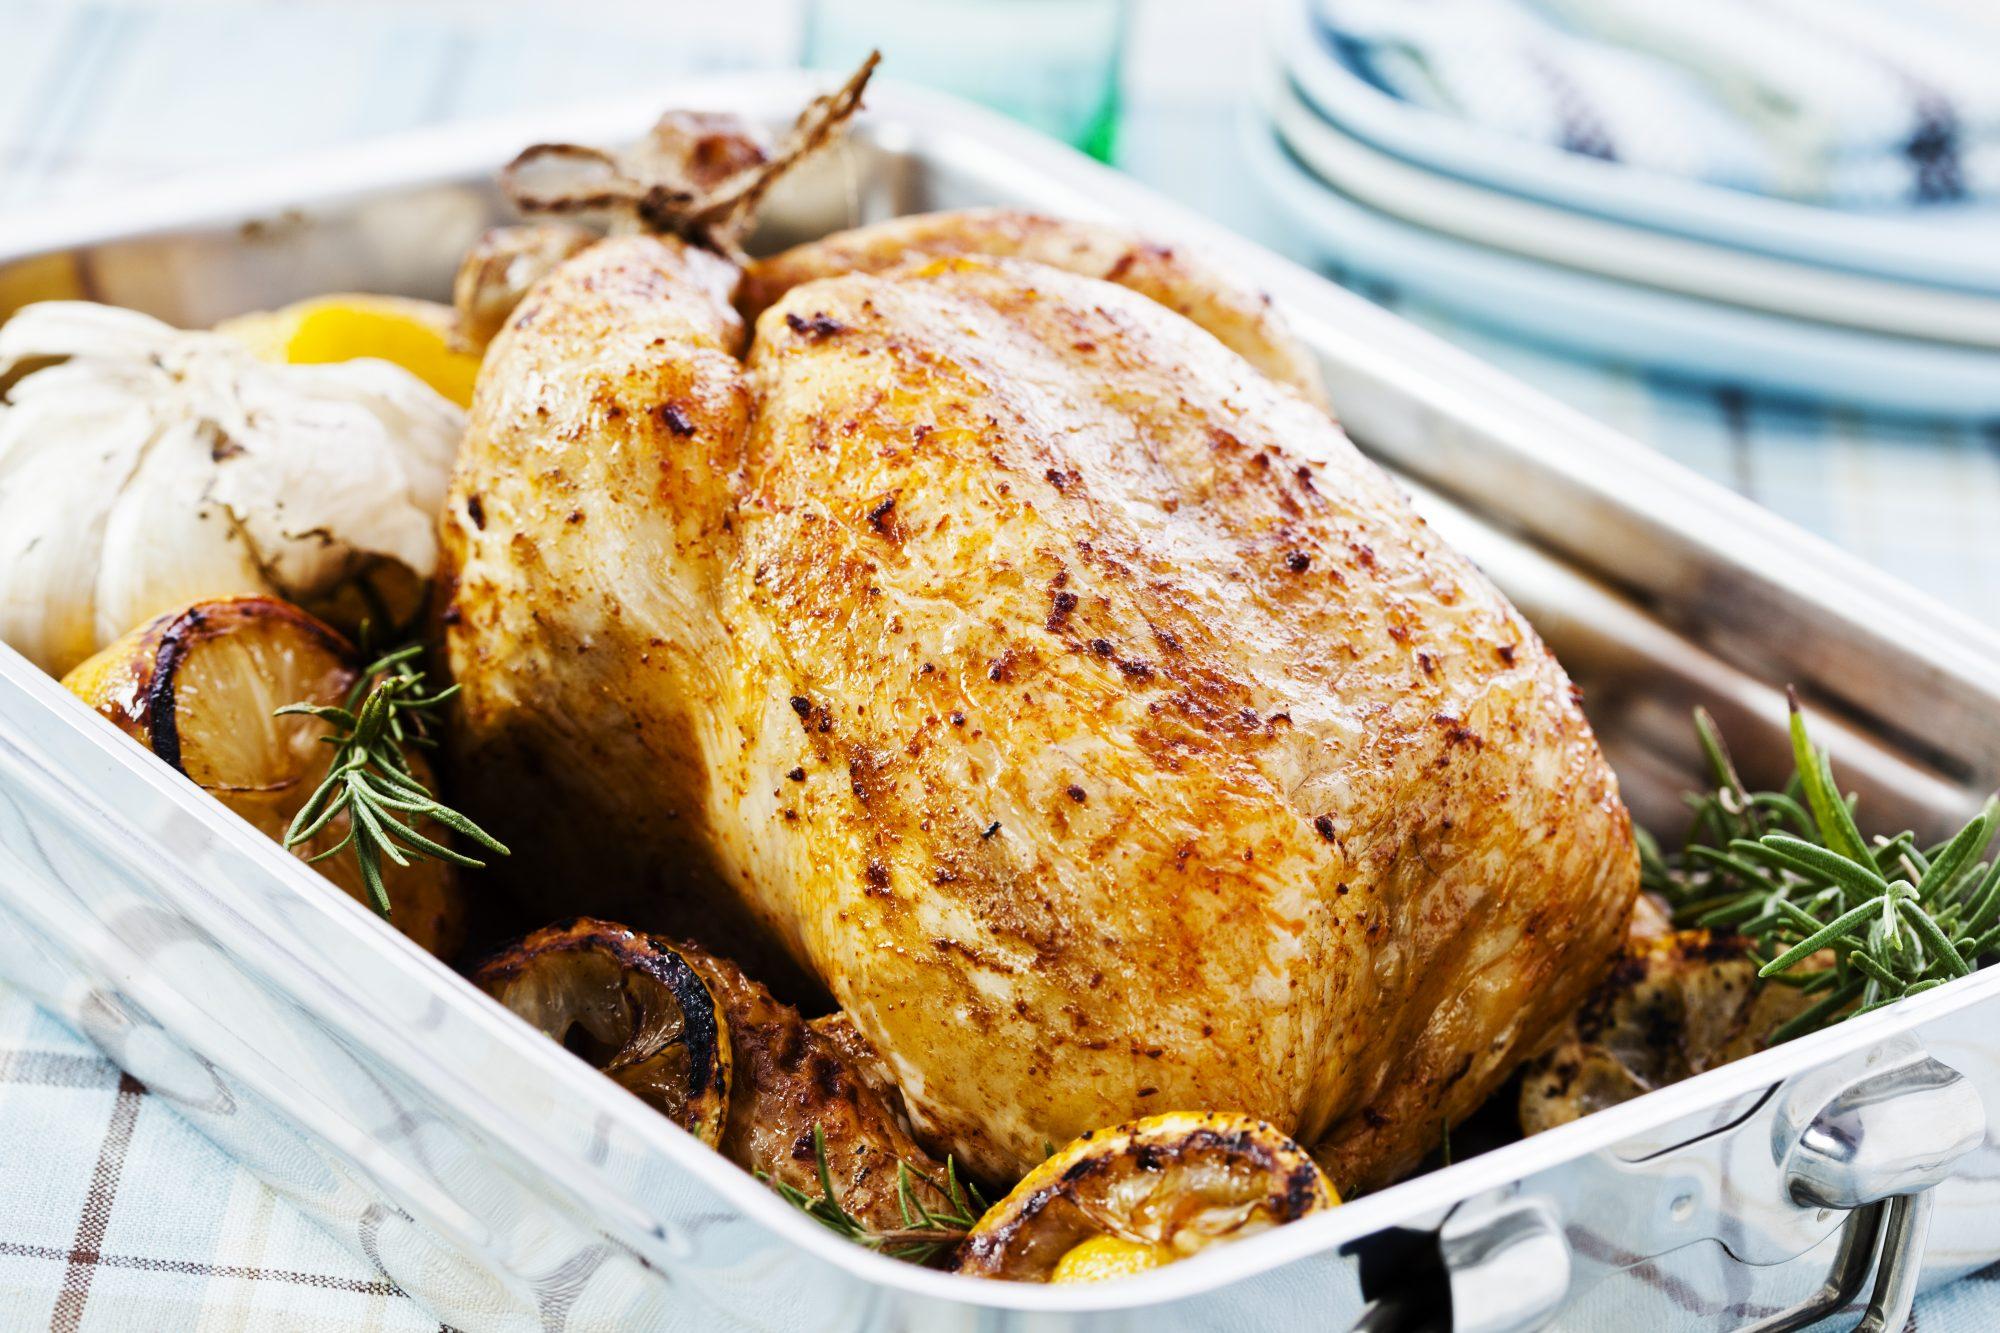 Pollo entero al horno jugoso y fácil